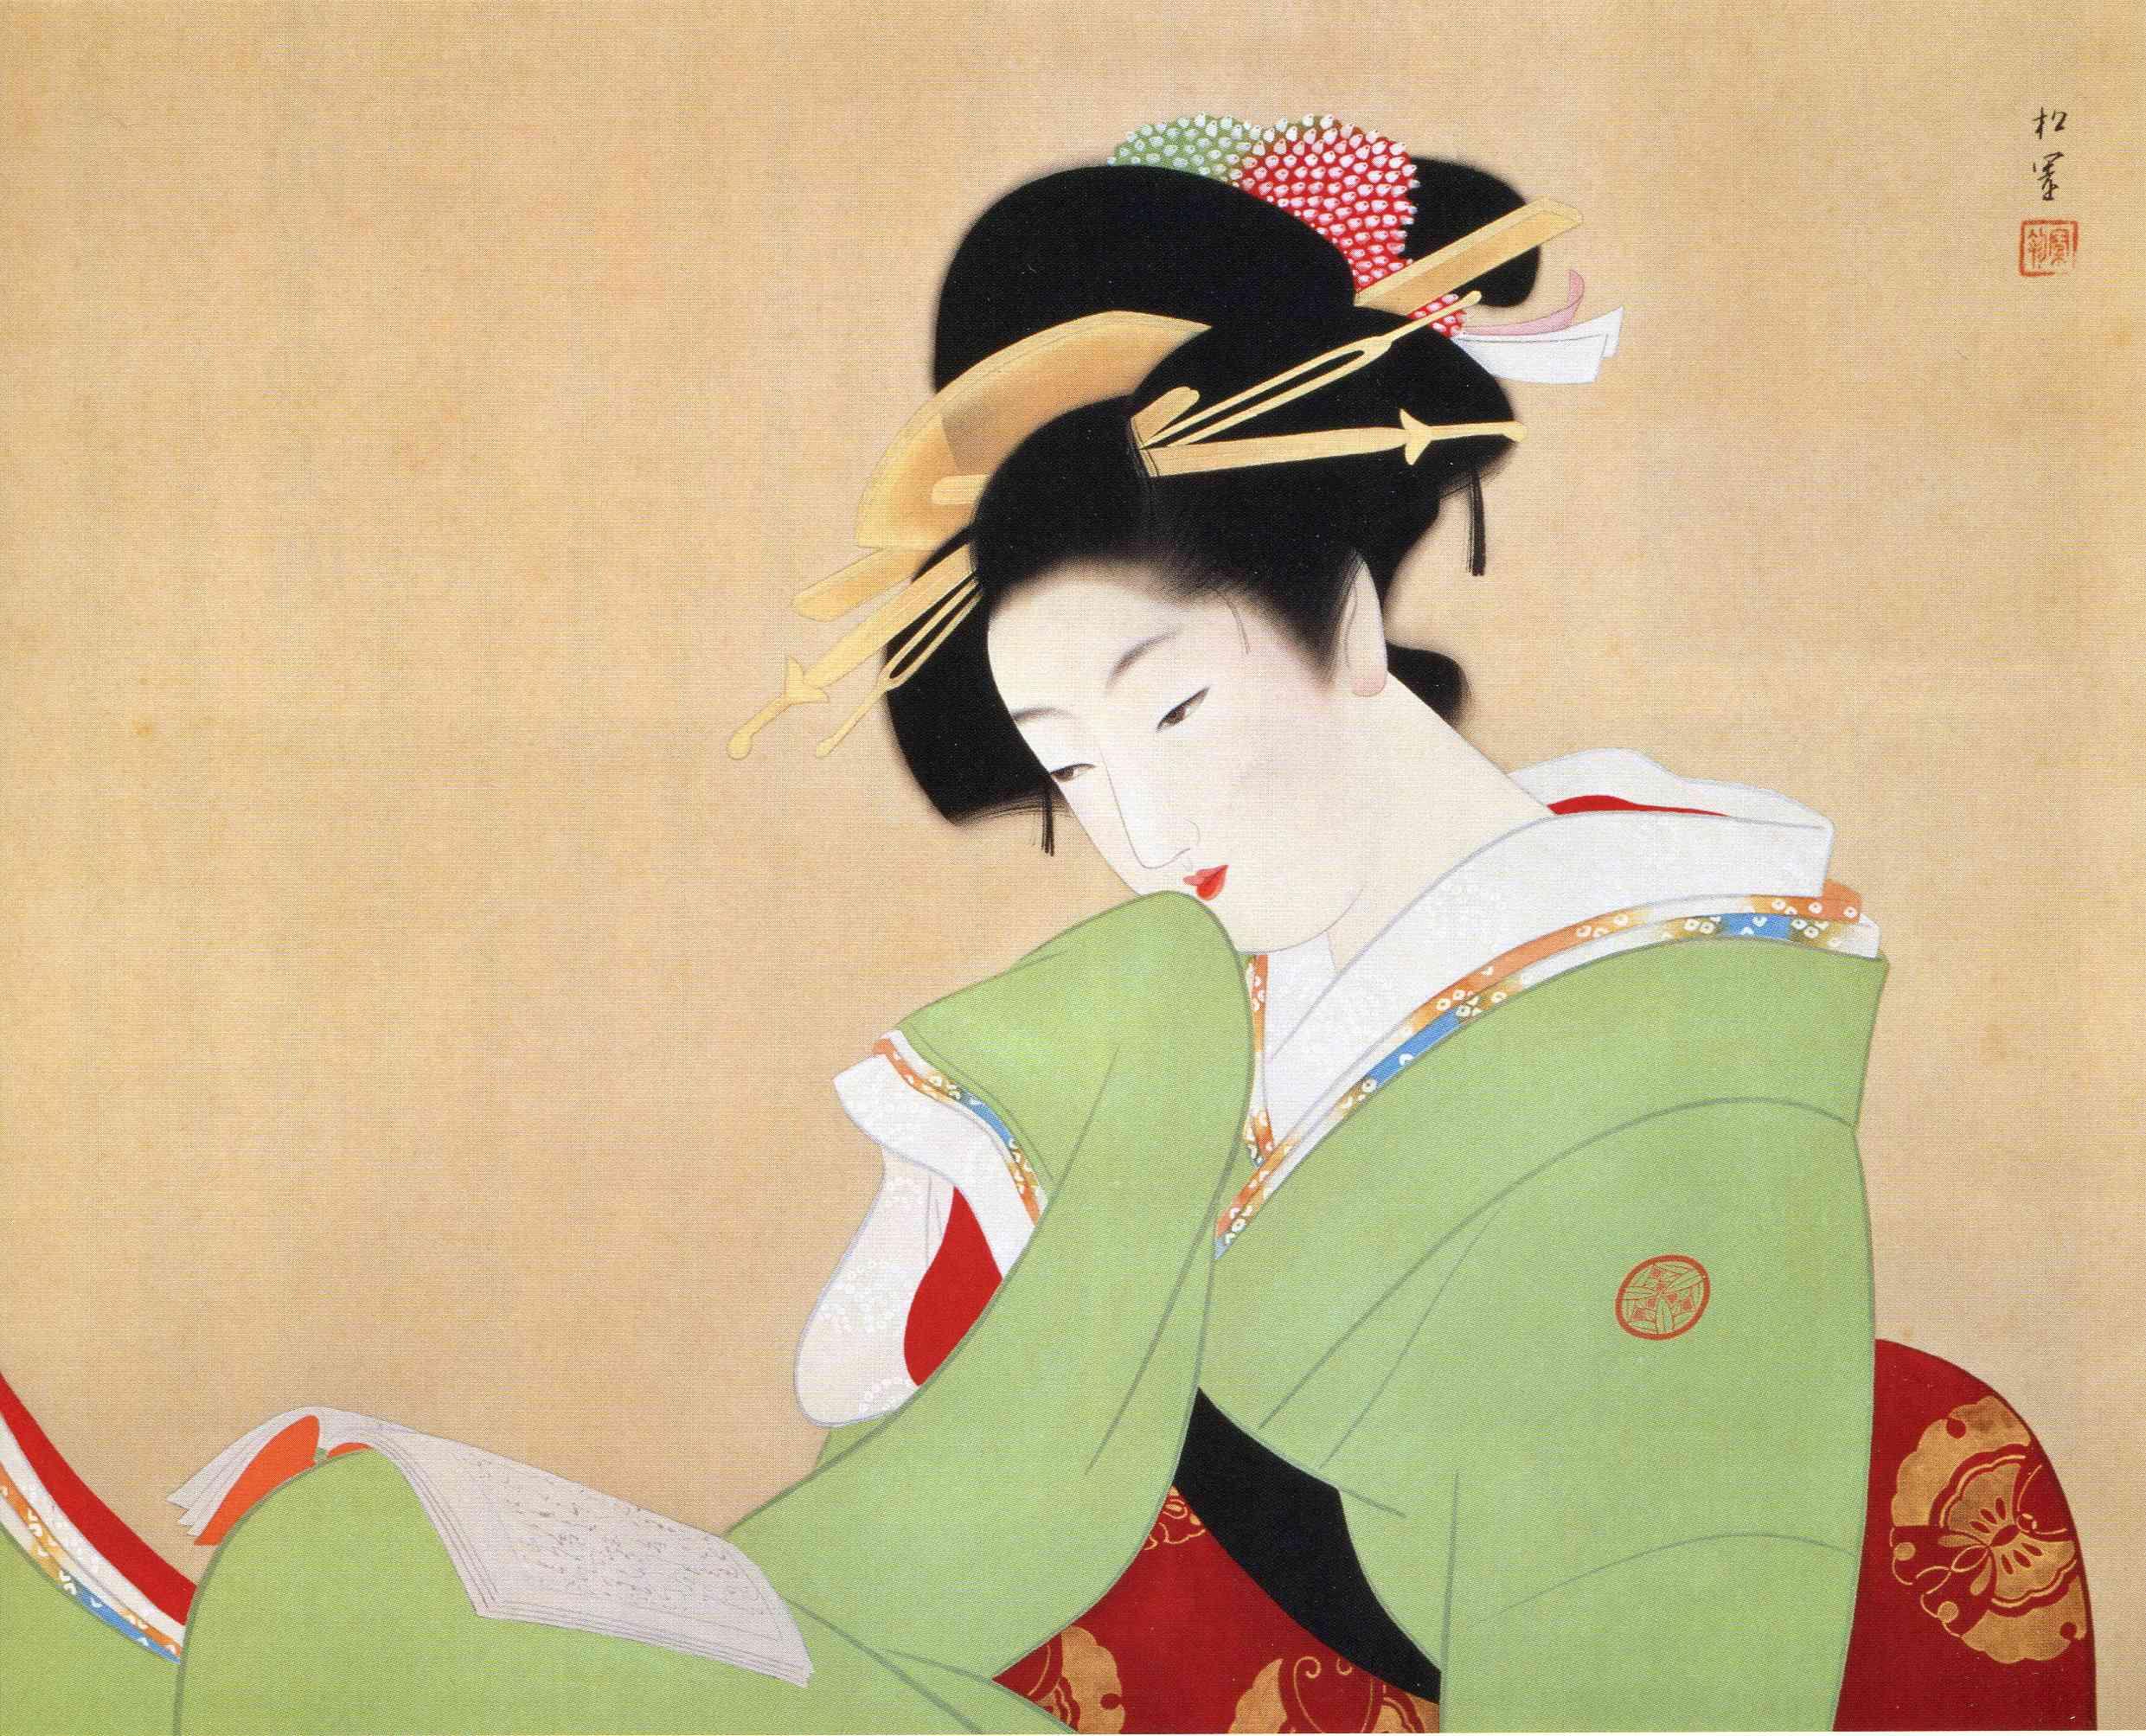 猫アリーナ 日本画に見る四季の美展 -大観から、玉堂、清方、松園まで-」 ニューオータニ美術館